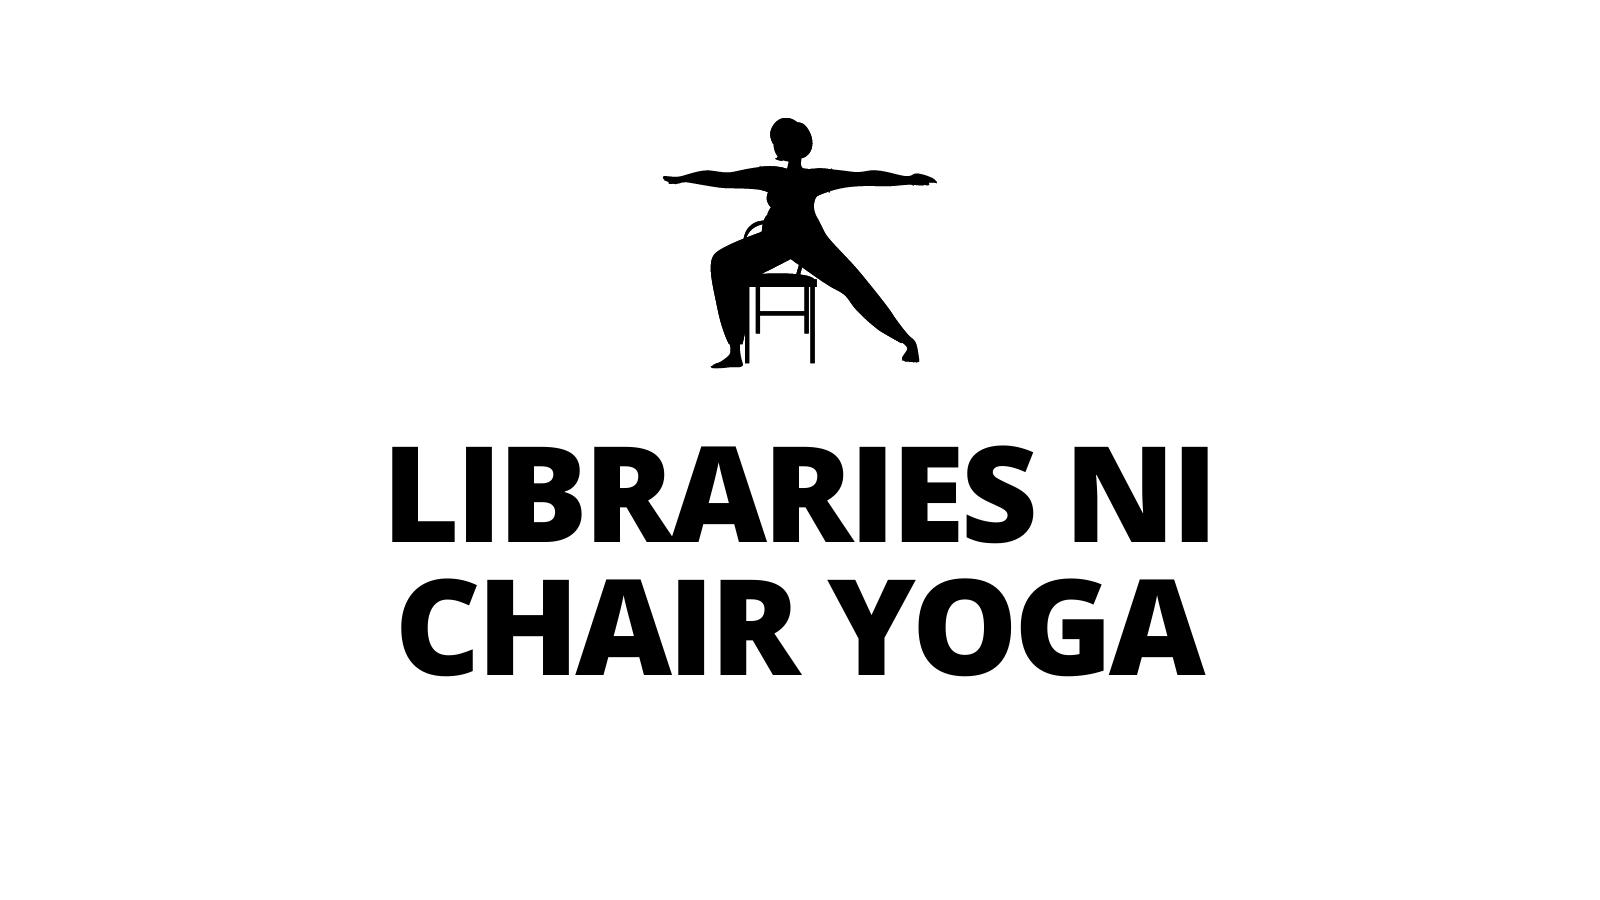 LIBRARIES NI CHAIR YOGA